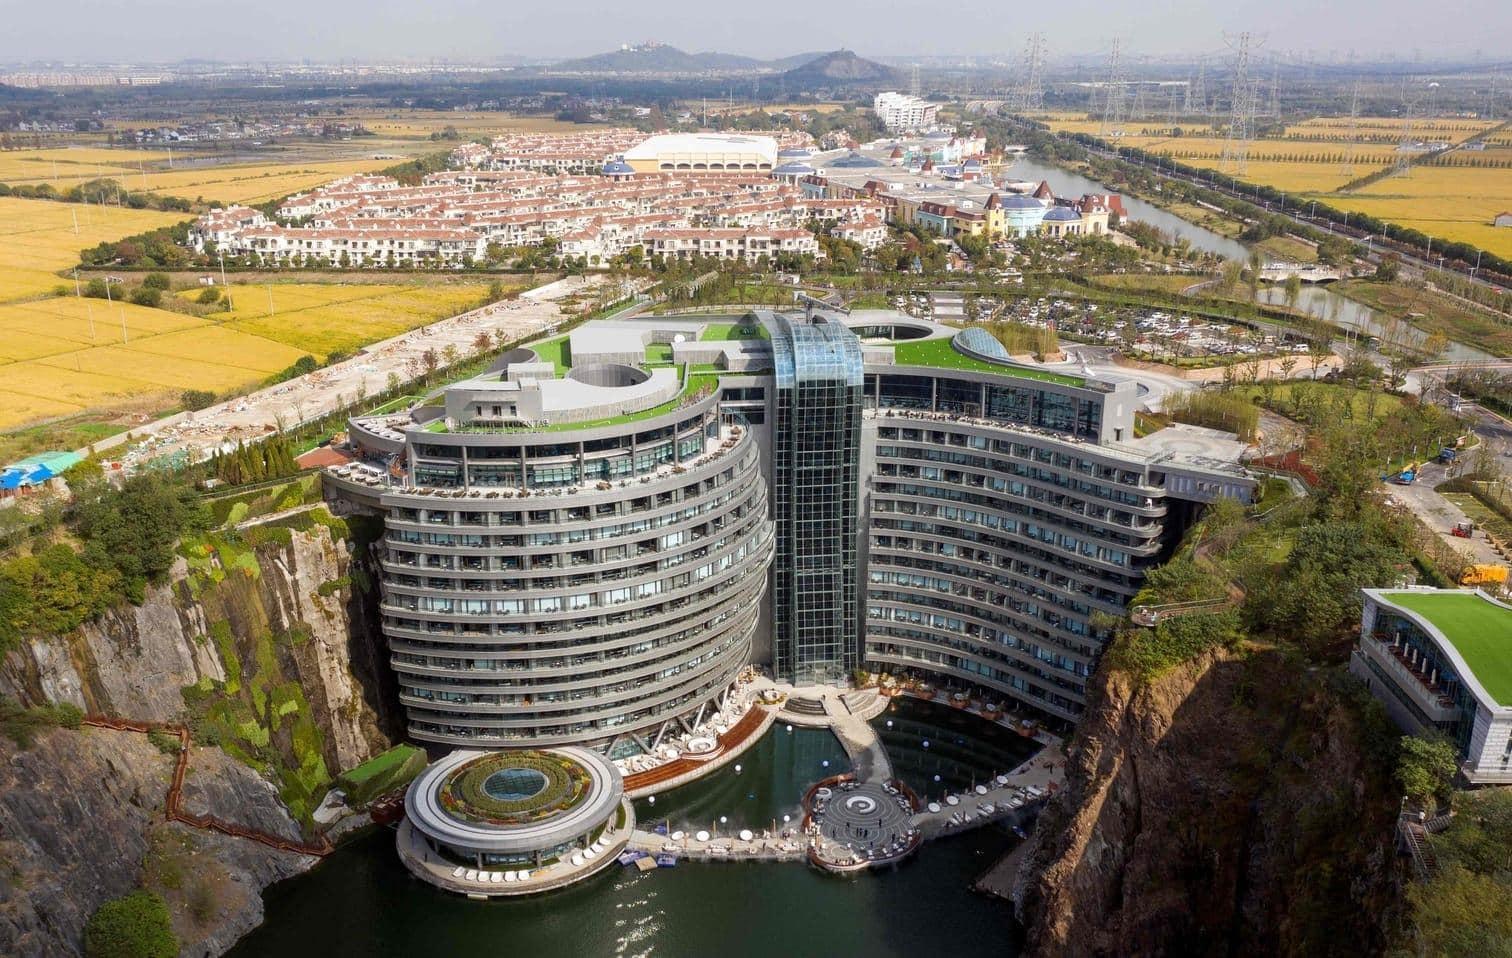 <p>Nahe der chinesischen Millionenmetropole Shanghai wird ein neues Luxushotel in einem ehemaligen Bergwerk eröffnet.</p> Foto: AFP/Johannes Eisele